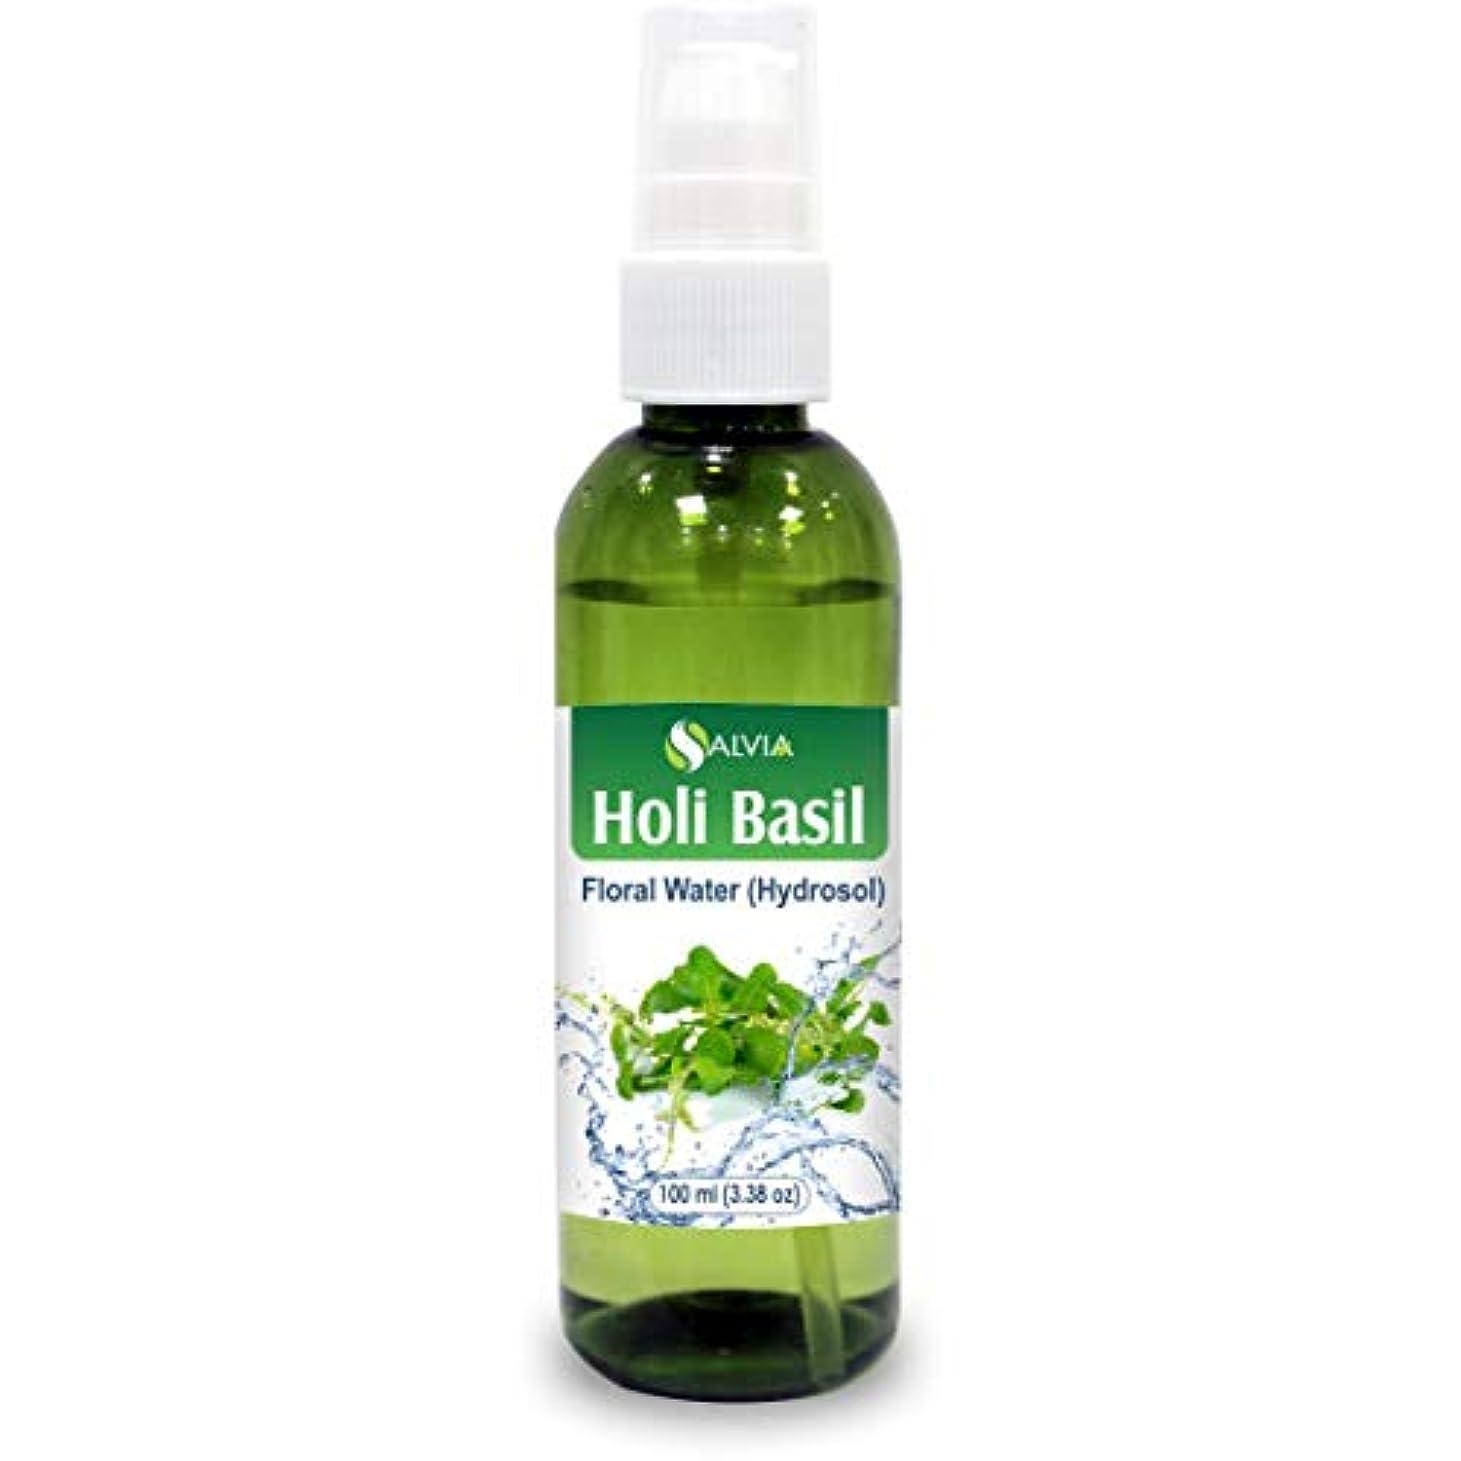 効率的また明日ねインサートHoly Basil (Tulsi) Floral Water 100ml (Hydrosol) 100% Pure And Natural